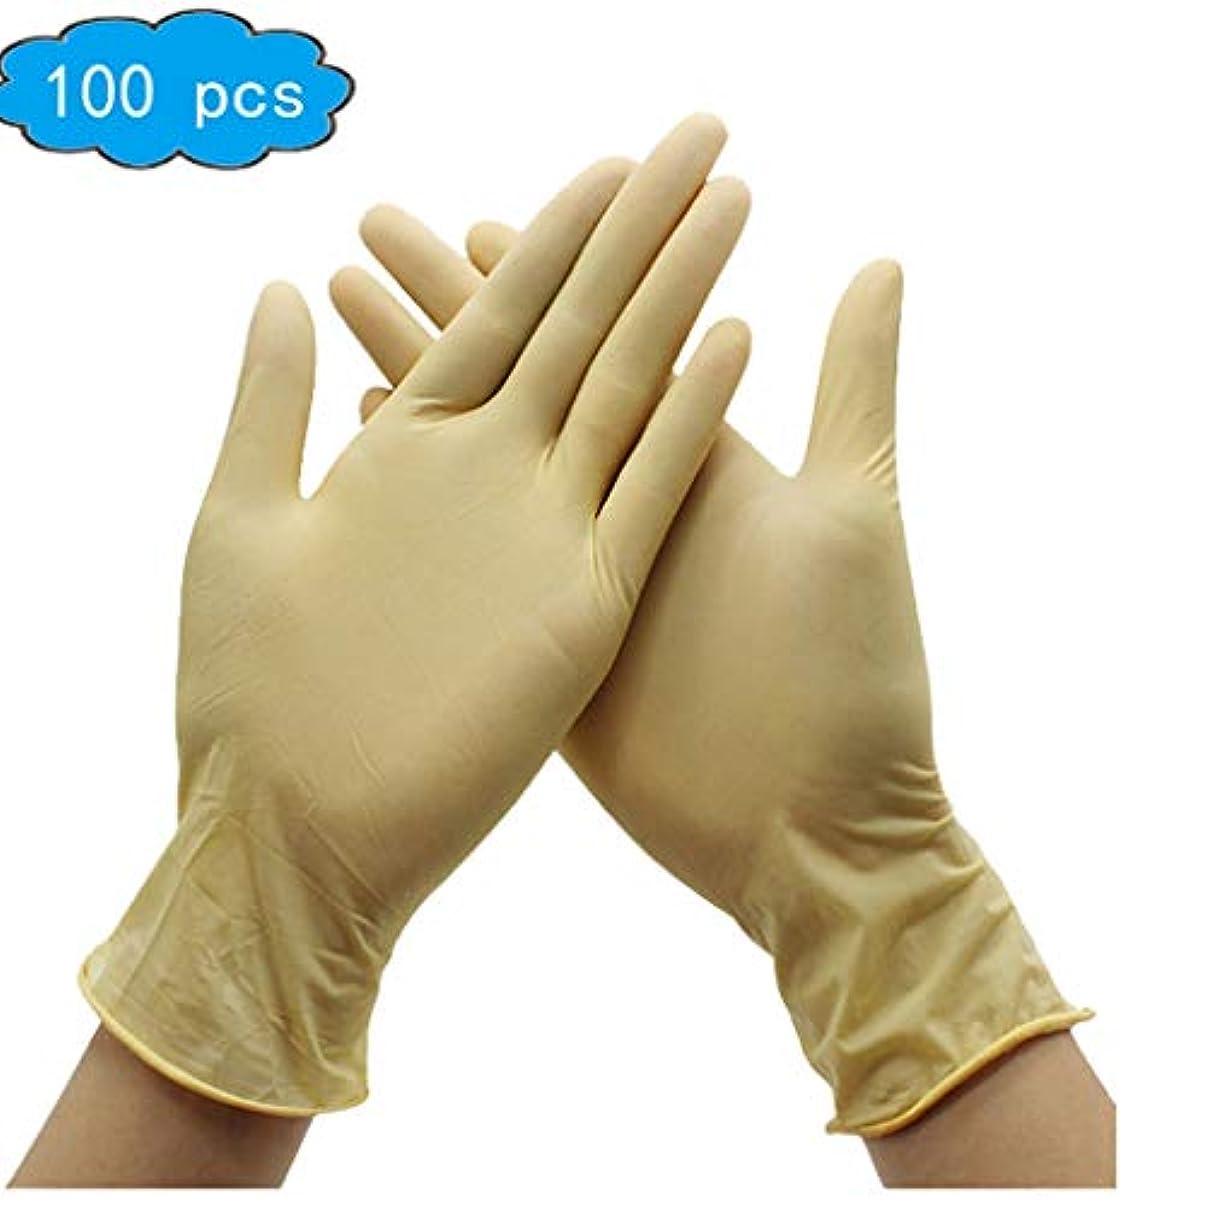 パンダ損失添付使い捨てラテックス手袋、液、血液、試験、ヘルスケア、ノーパウダー、100箱 (Color : Beige, Size : L)